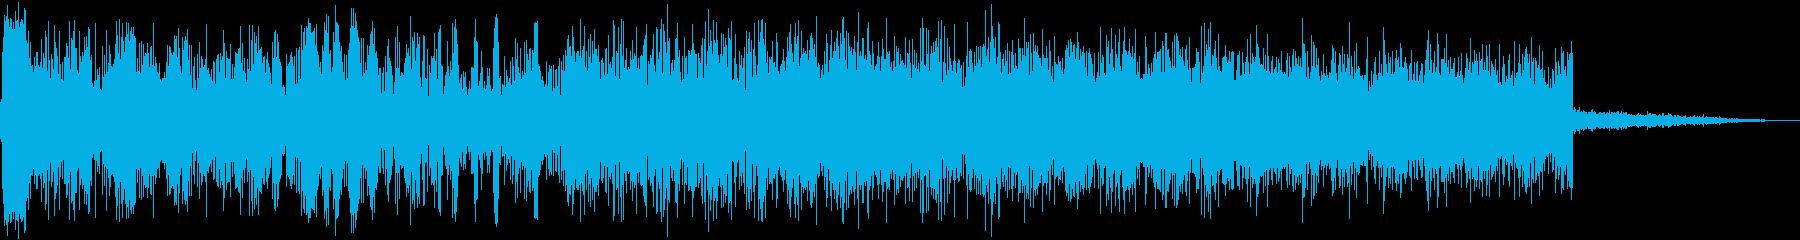 銀河ジェットリフトオフの再生済みの波形